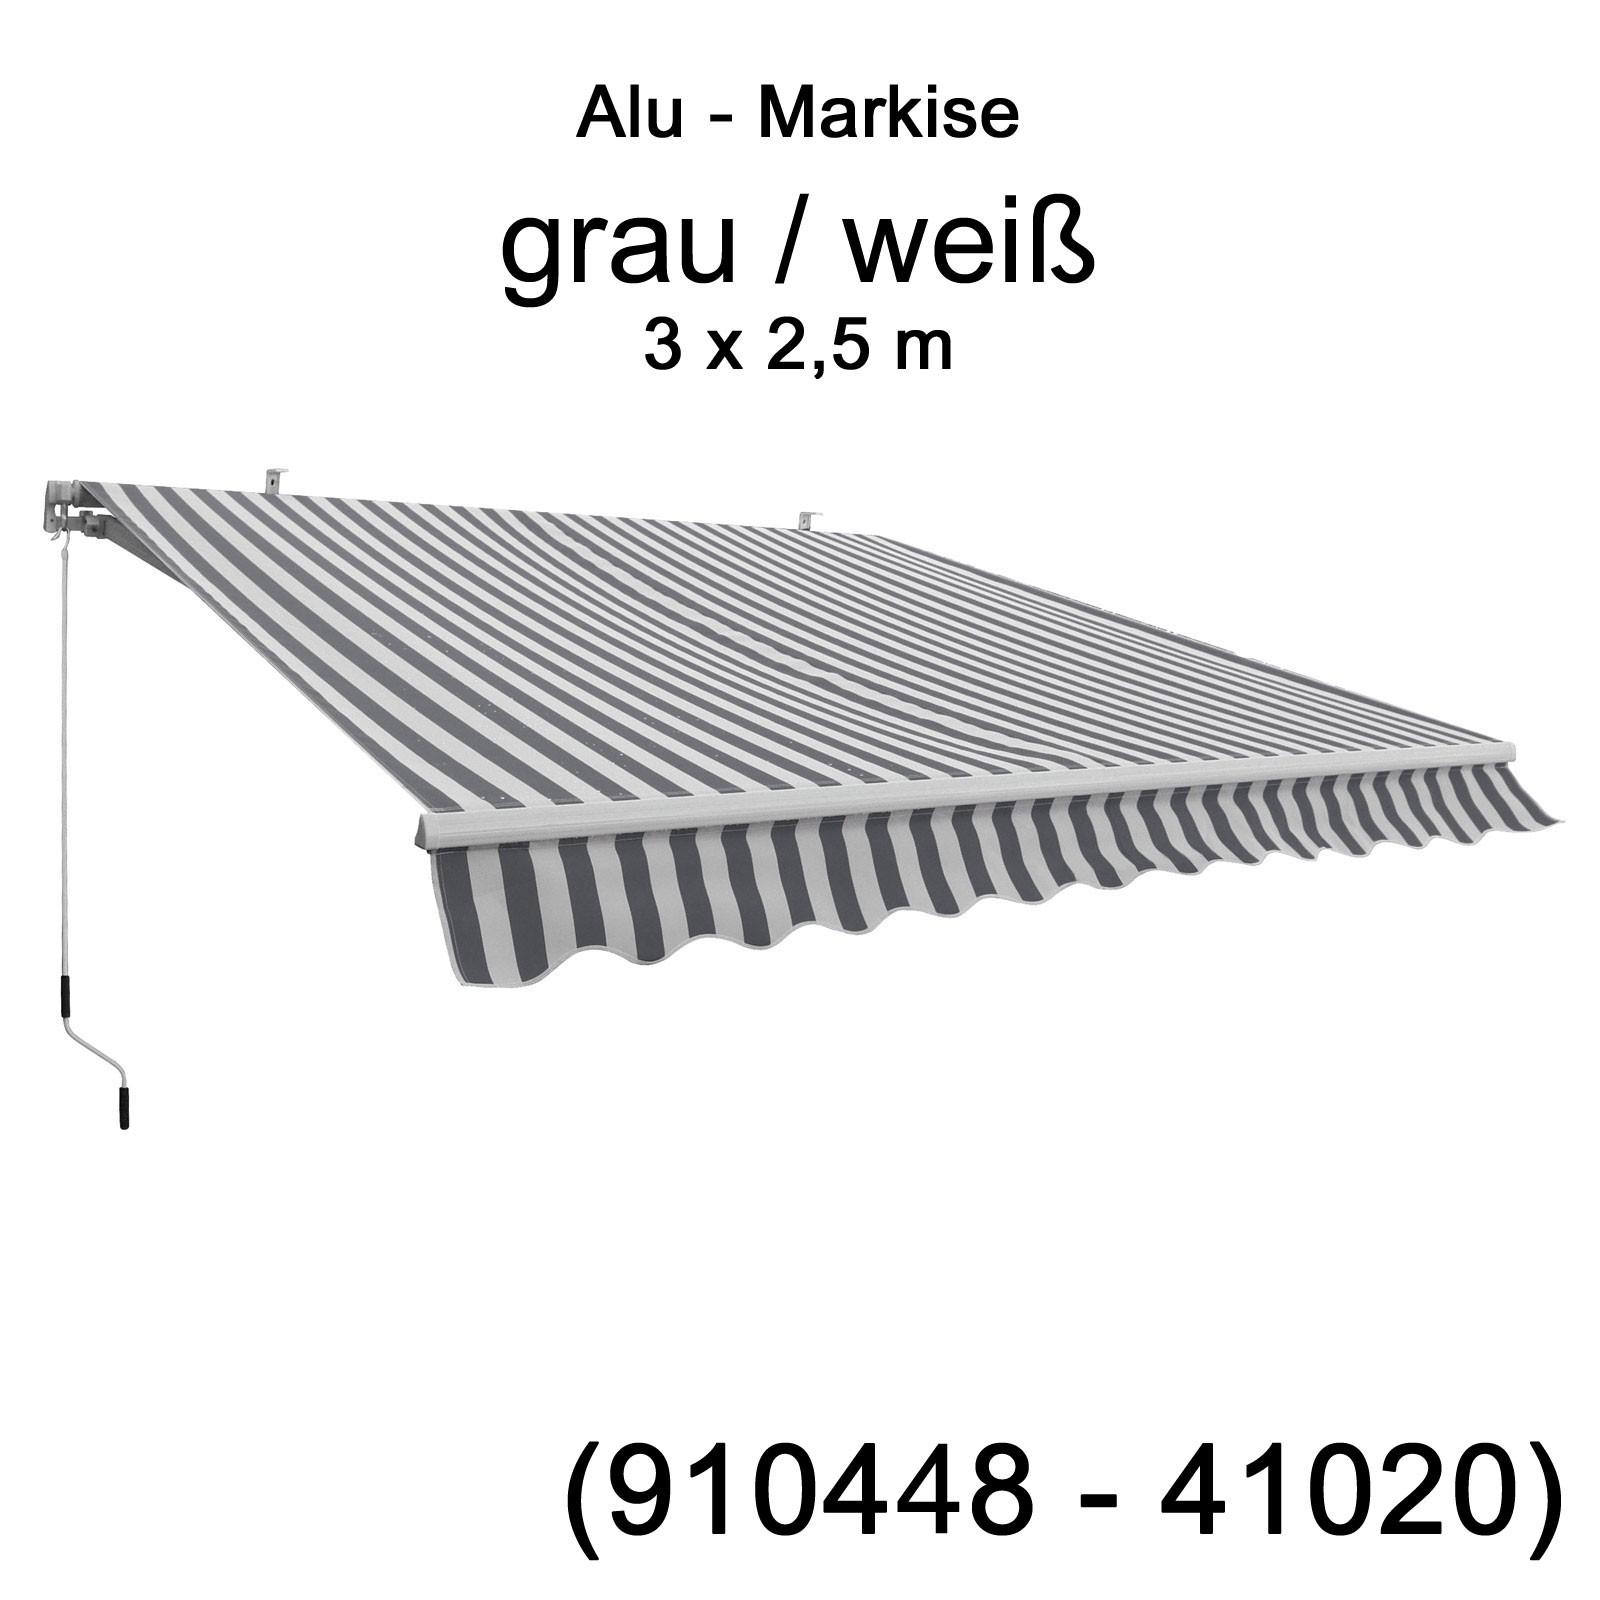 alu markise gelenkarmmarkise 3 m x 2 5 m decke wand diverse farben sonnenschutz ebay. Black Bedroom Furniture Sets. Home Design Ideas